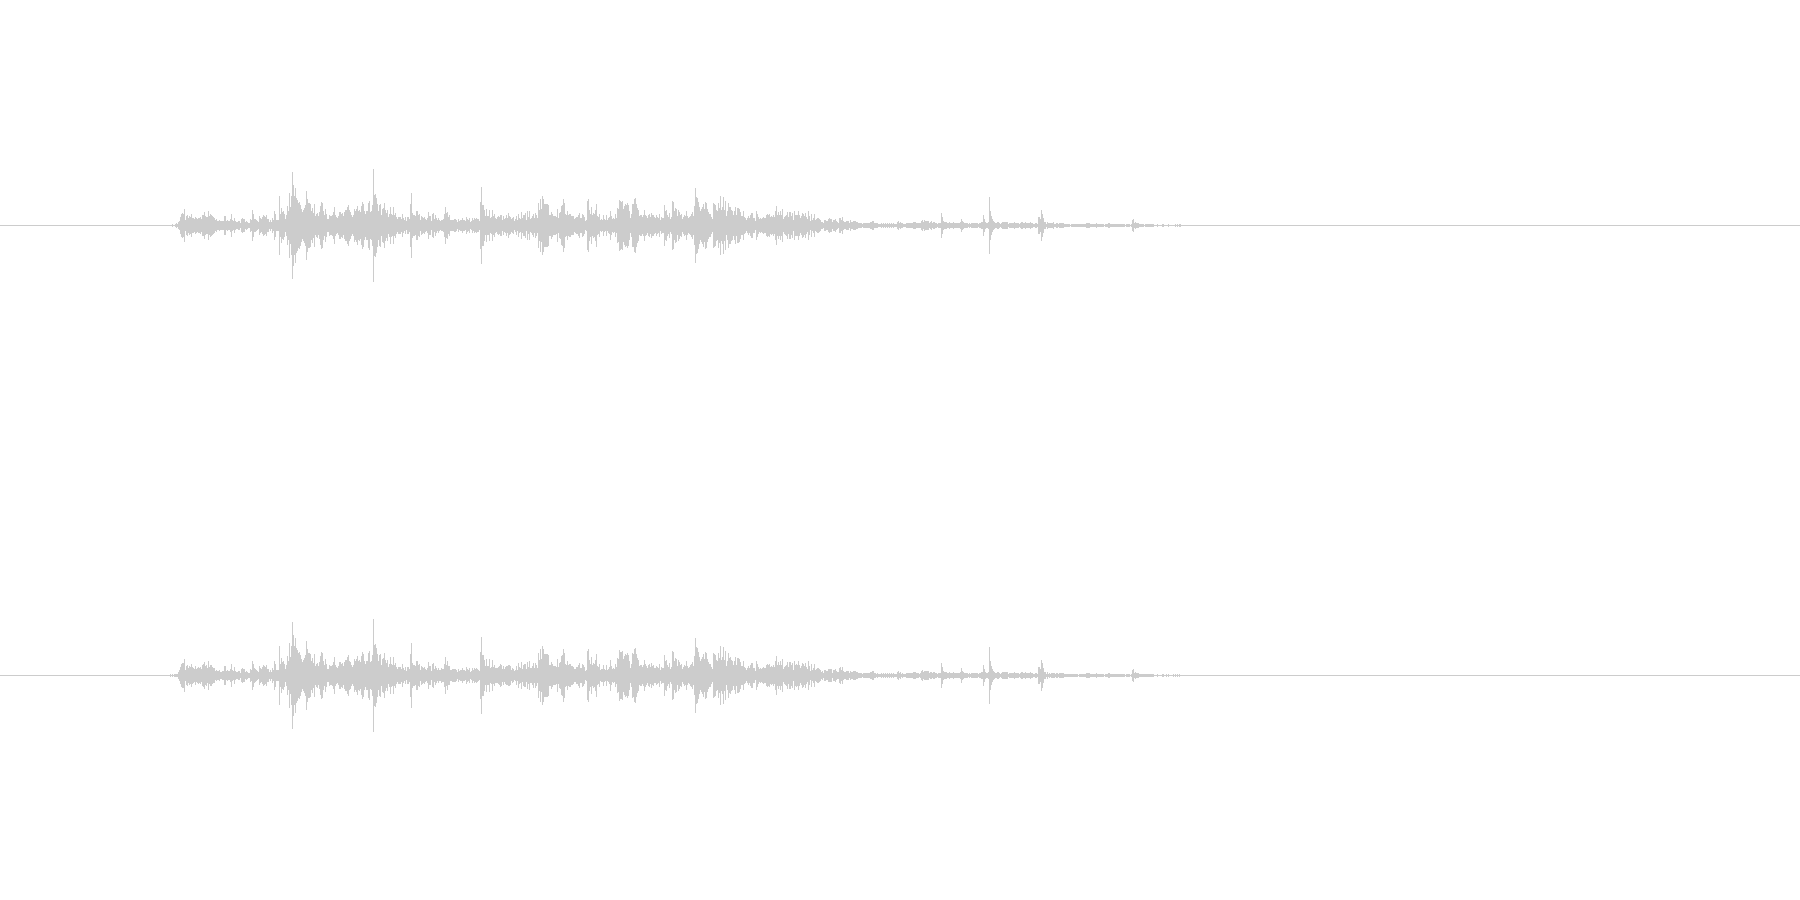 【チラシ01-1(めくる)】の未再生の波形